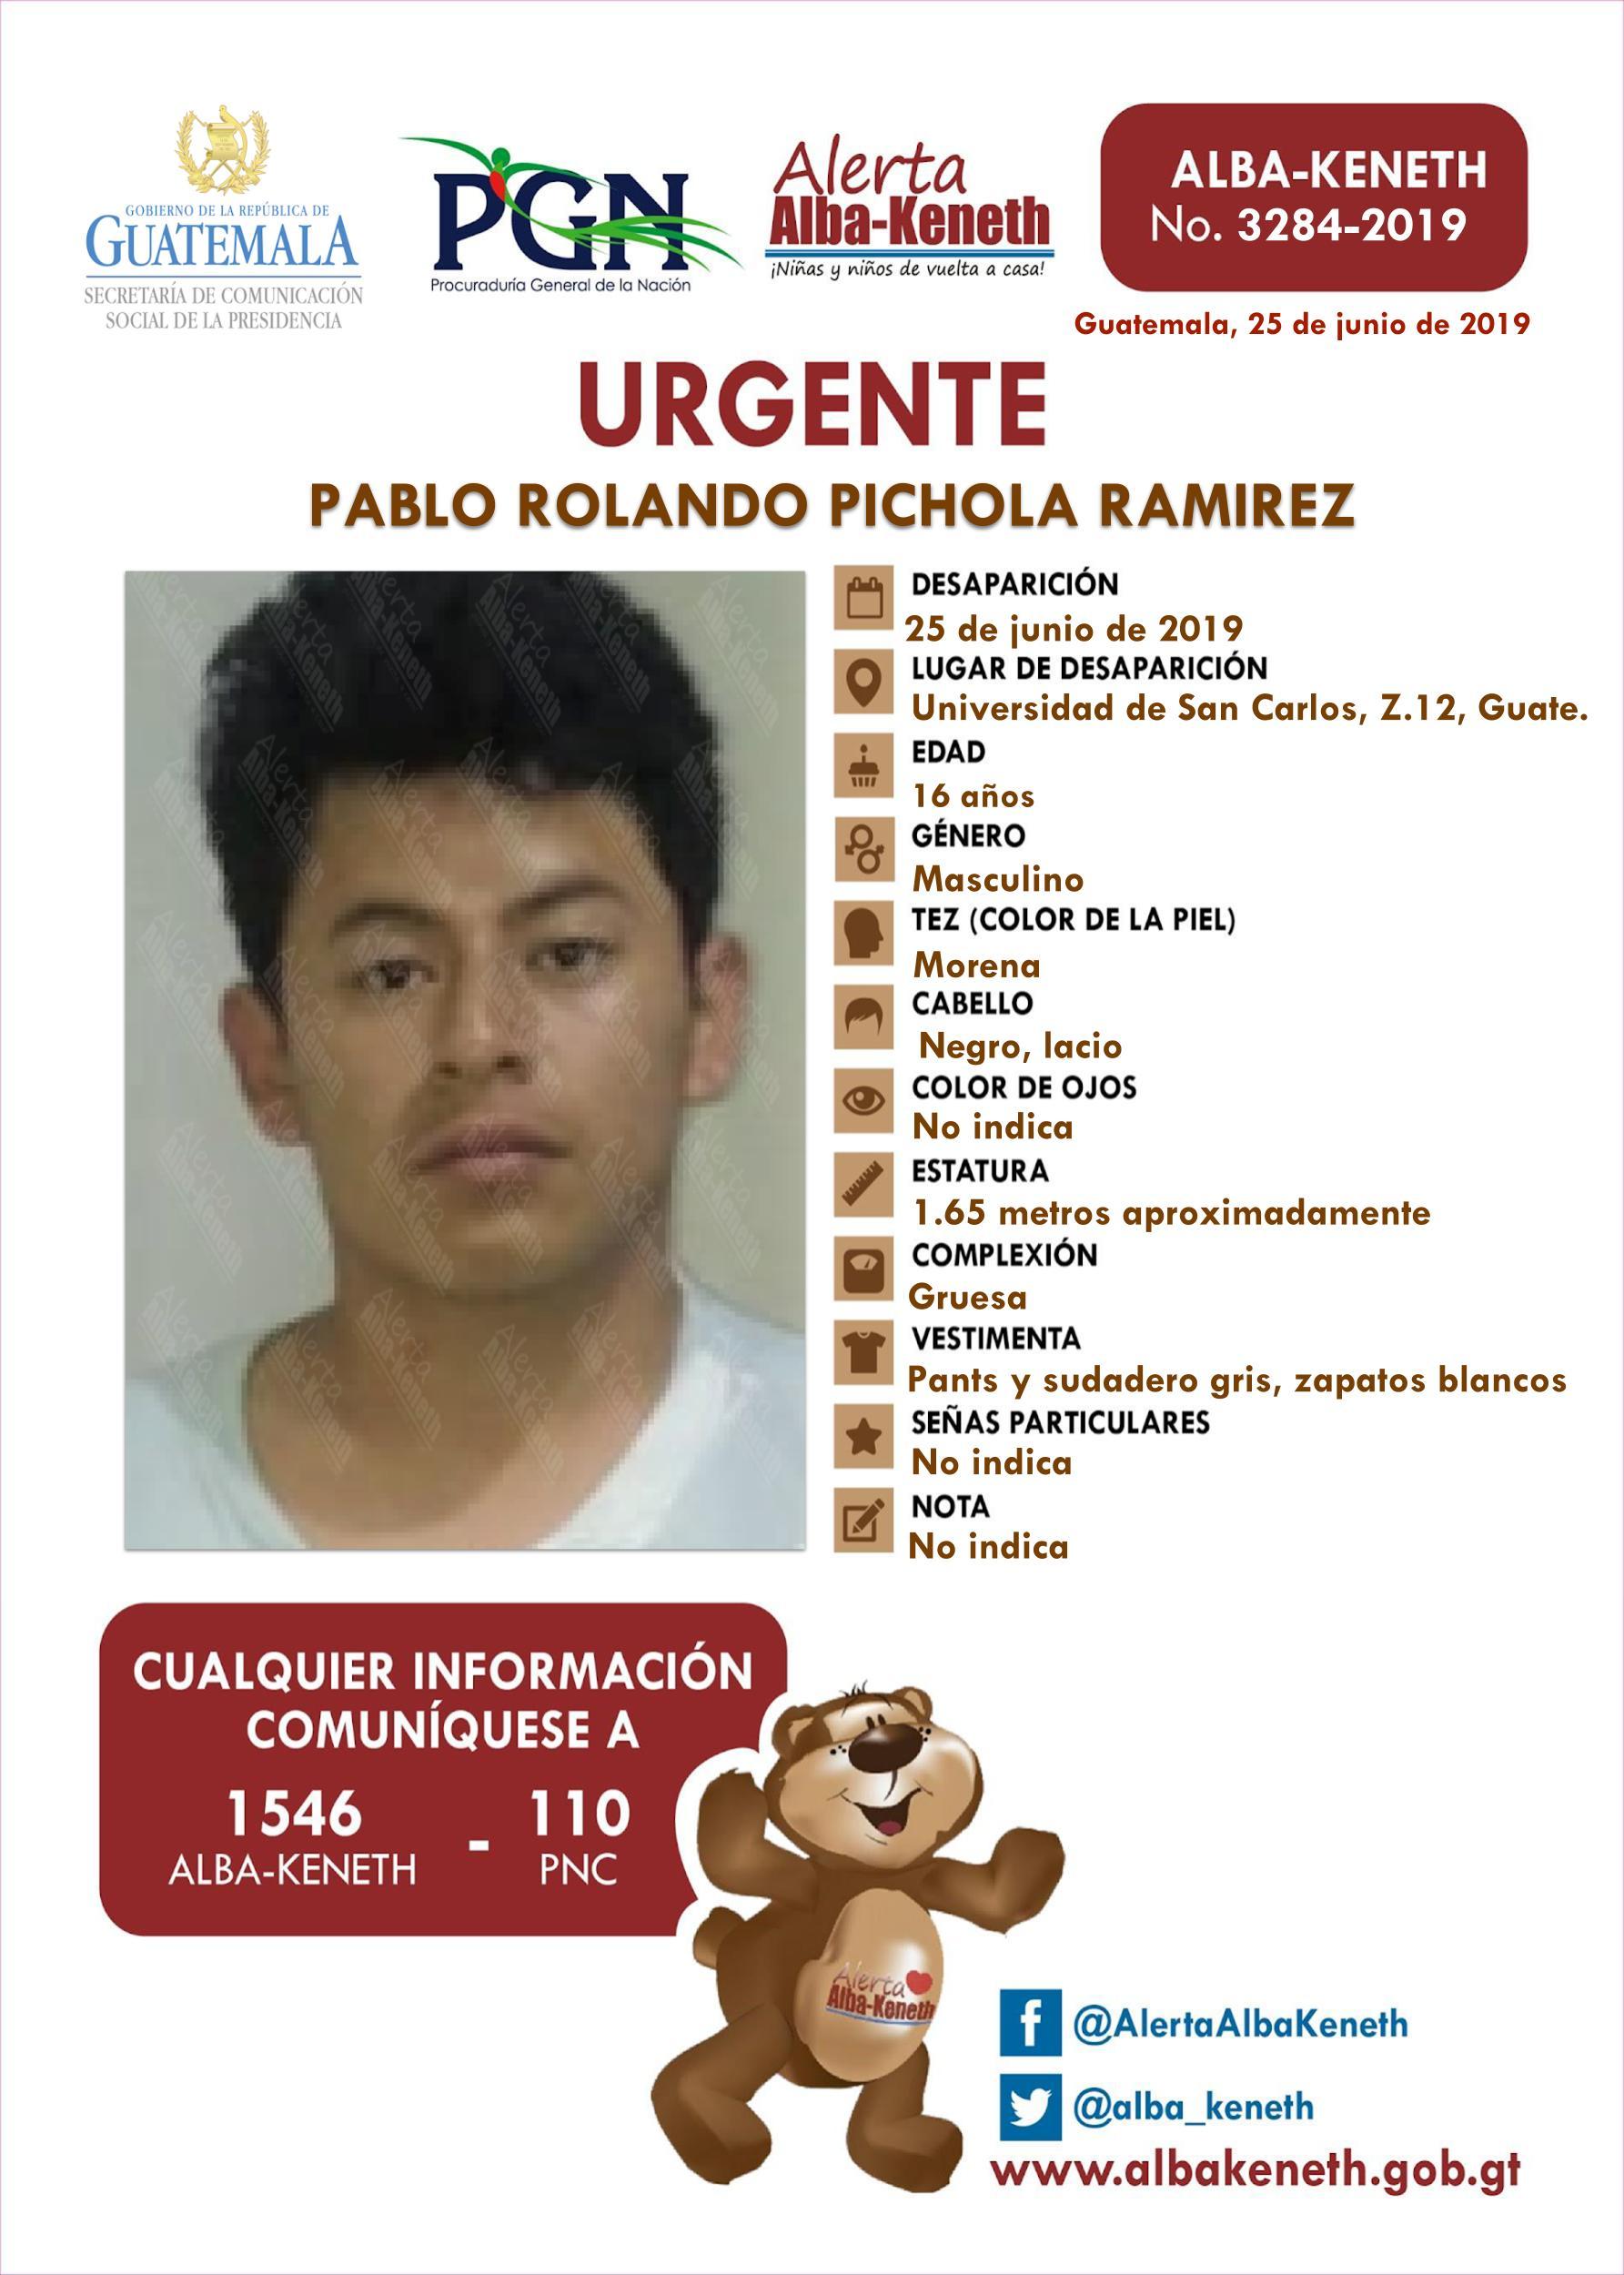 Pablo Rolando Pichola Ramirez